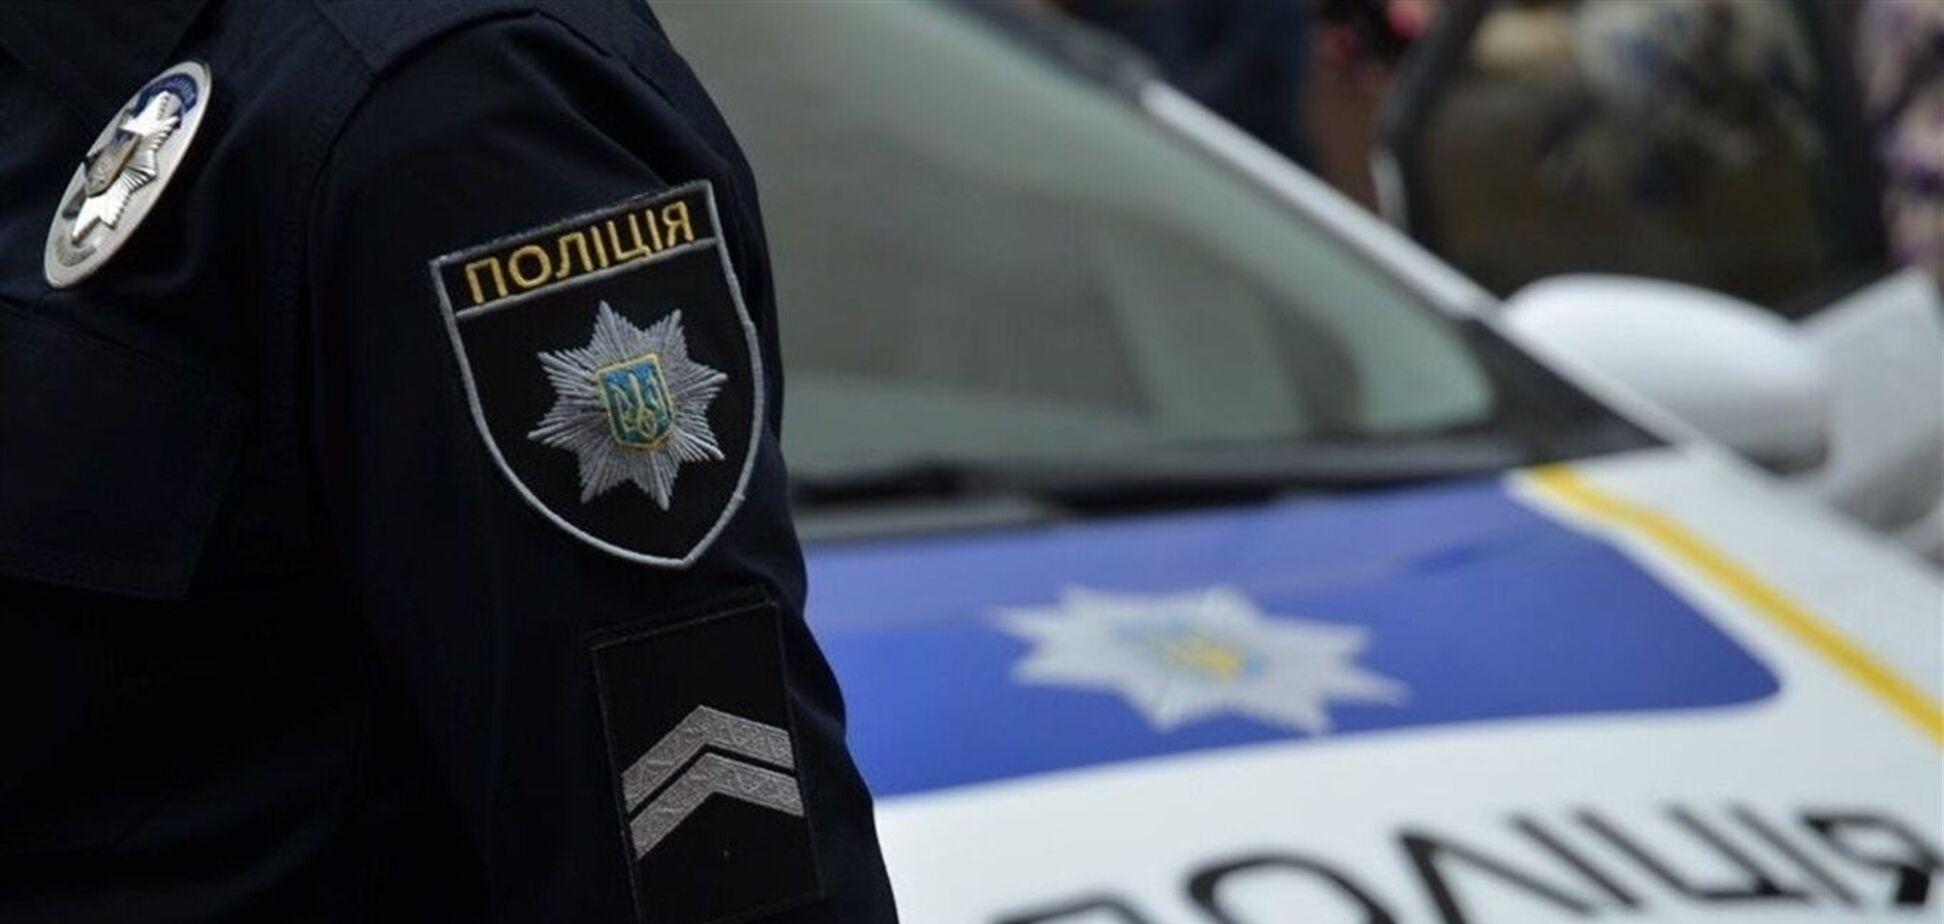 Полиция в Днепре за день квалифицировала по статье 'самоубийство' три случая (фото: Харьков.Комментарии)